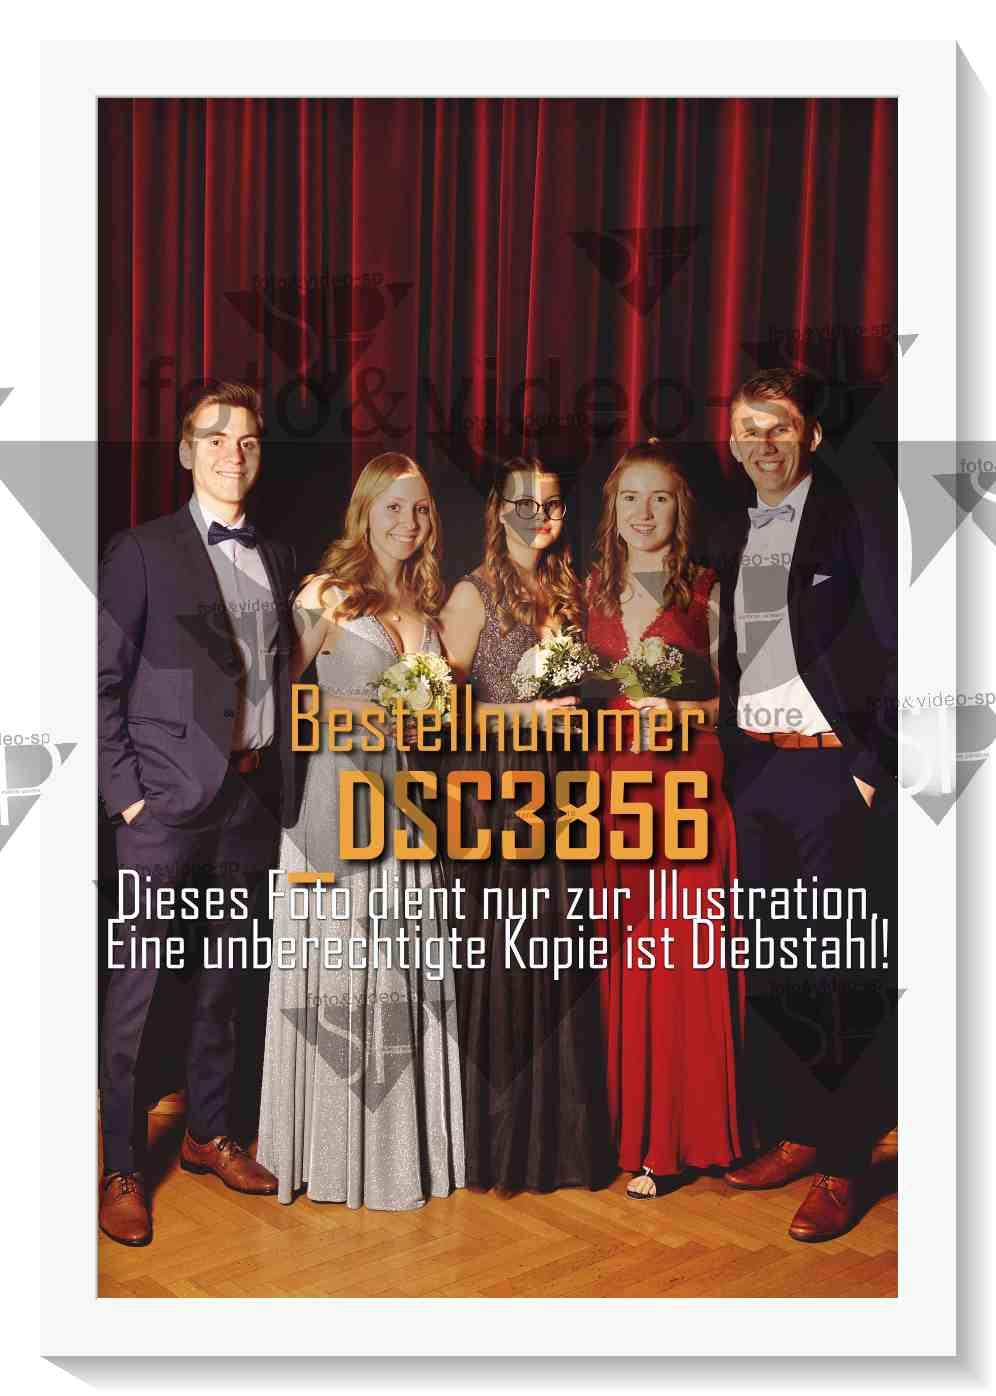 DSC3856